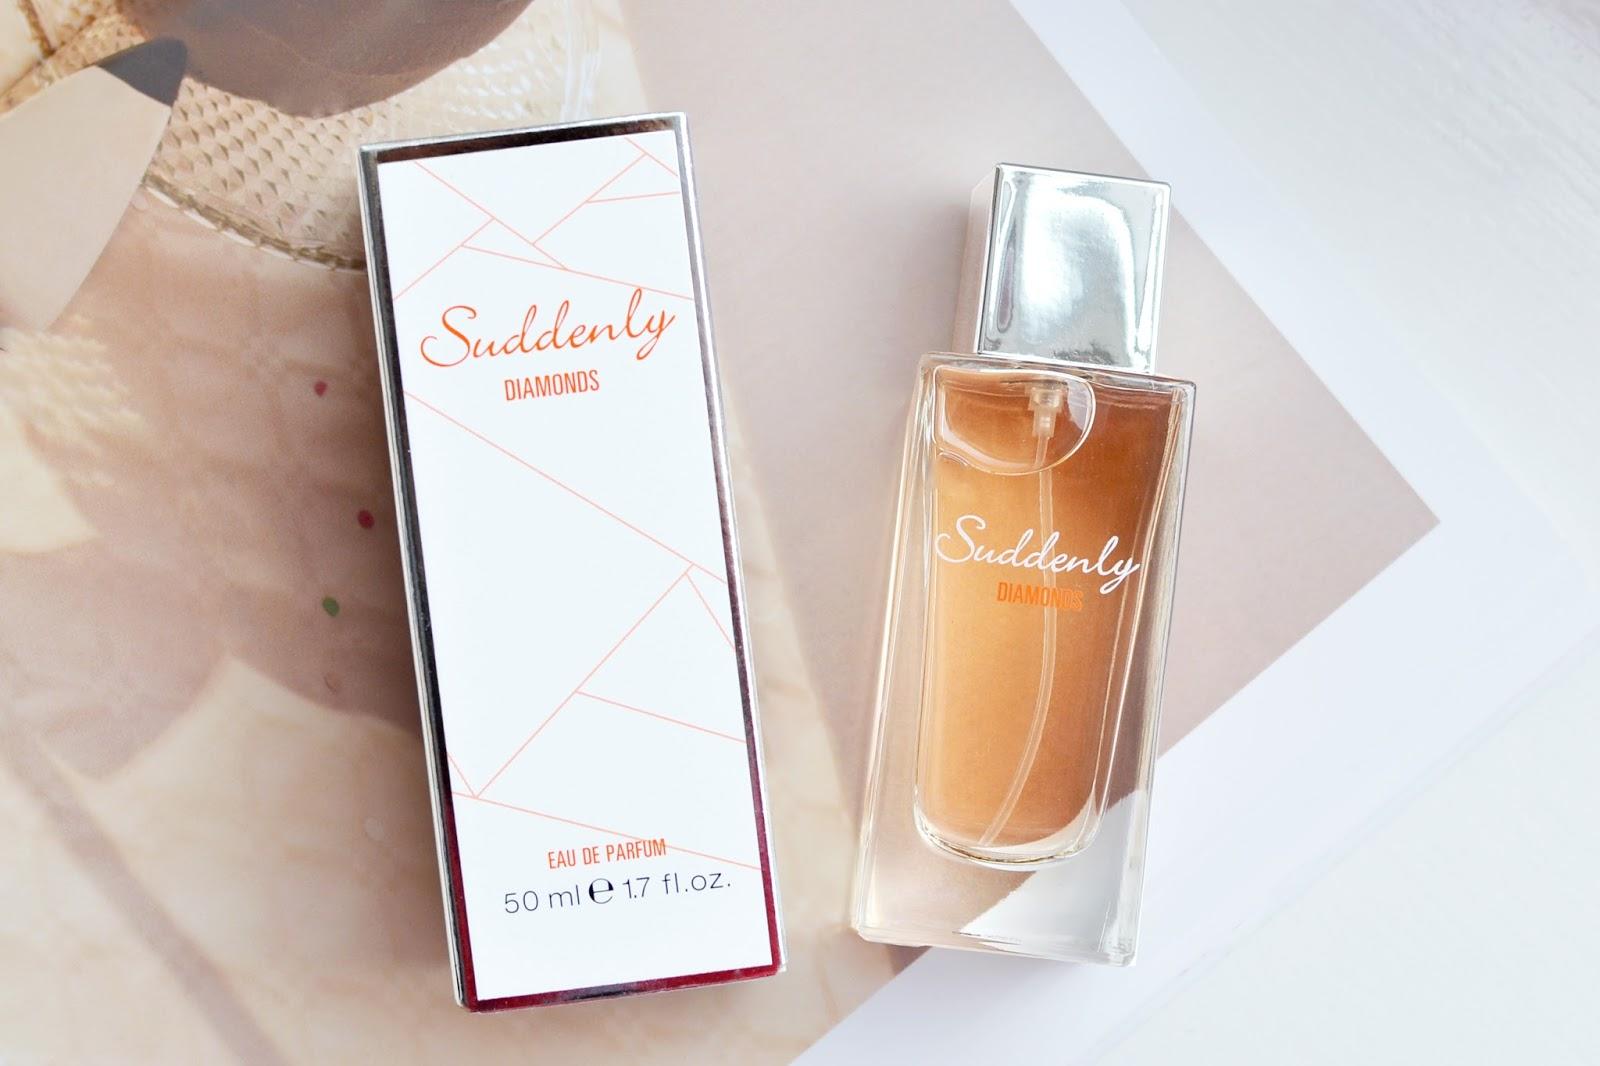 suddenly diamonds perfume, suddenly diamonds perfume lidl, lidl perfume